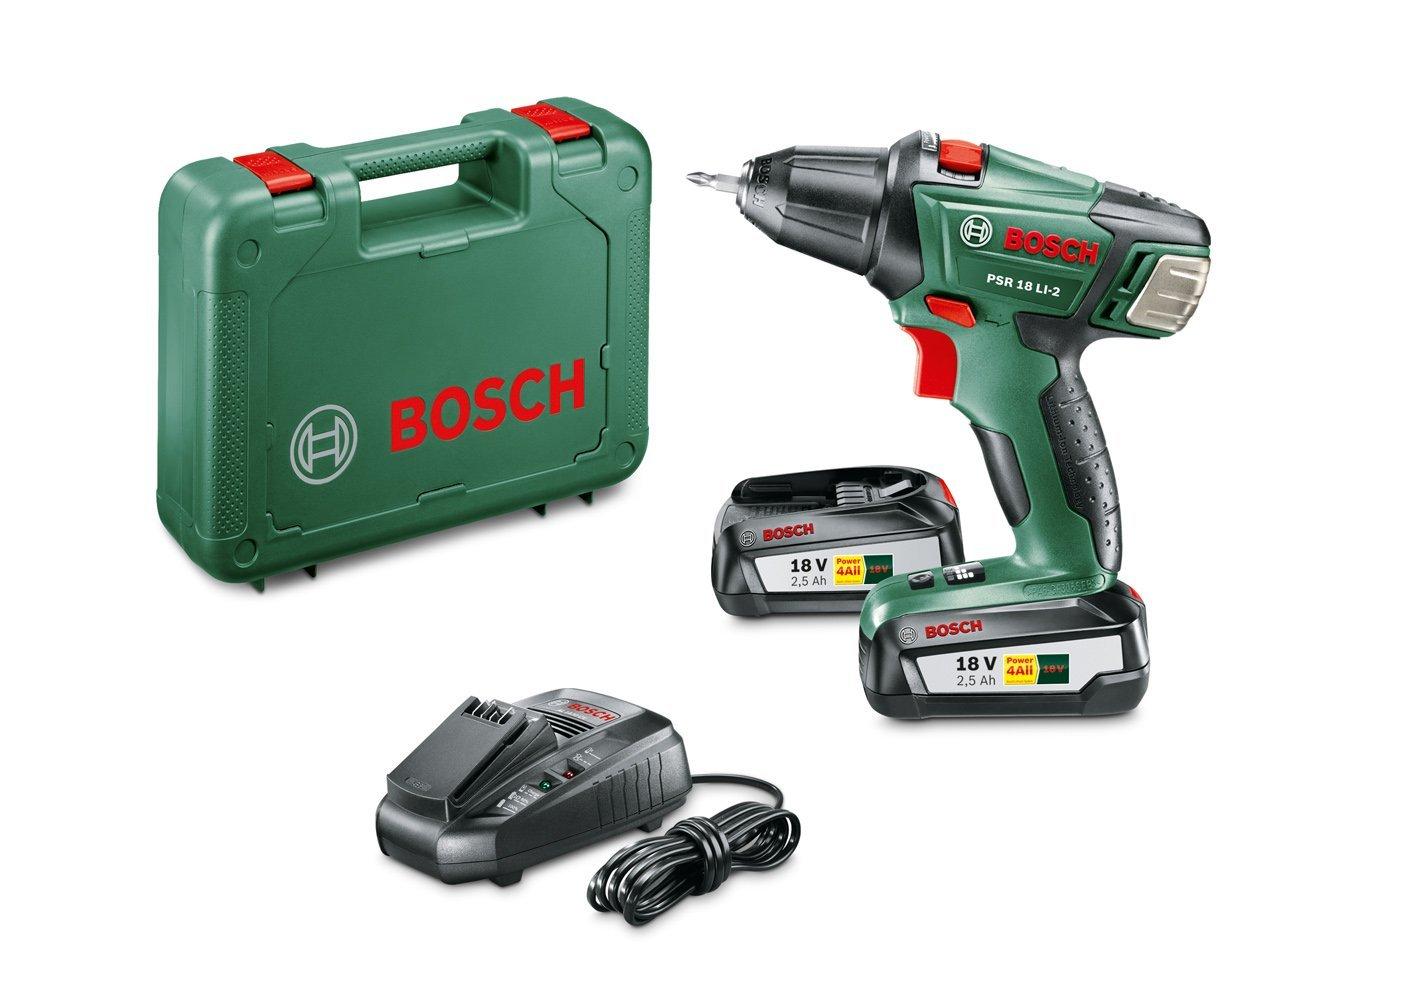 Bosch PSR 18 LI-2